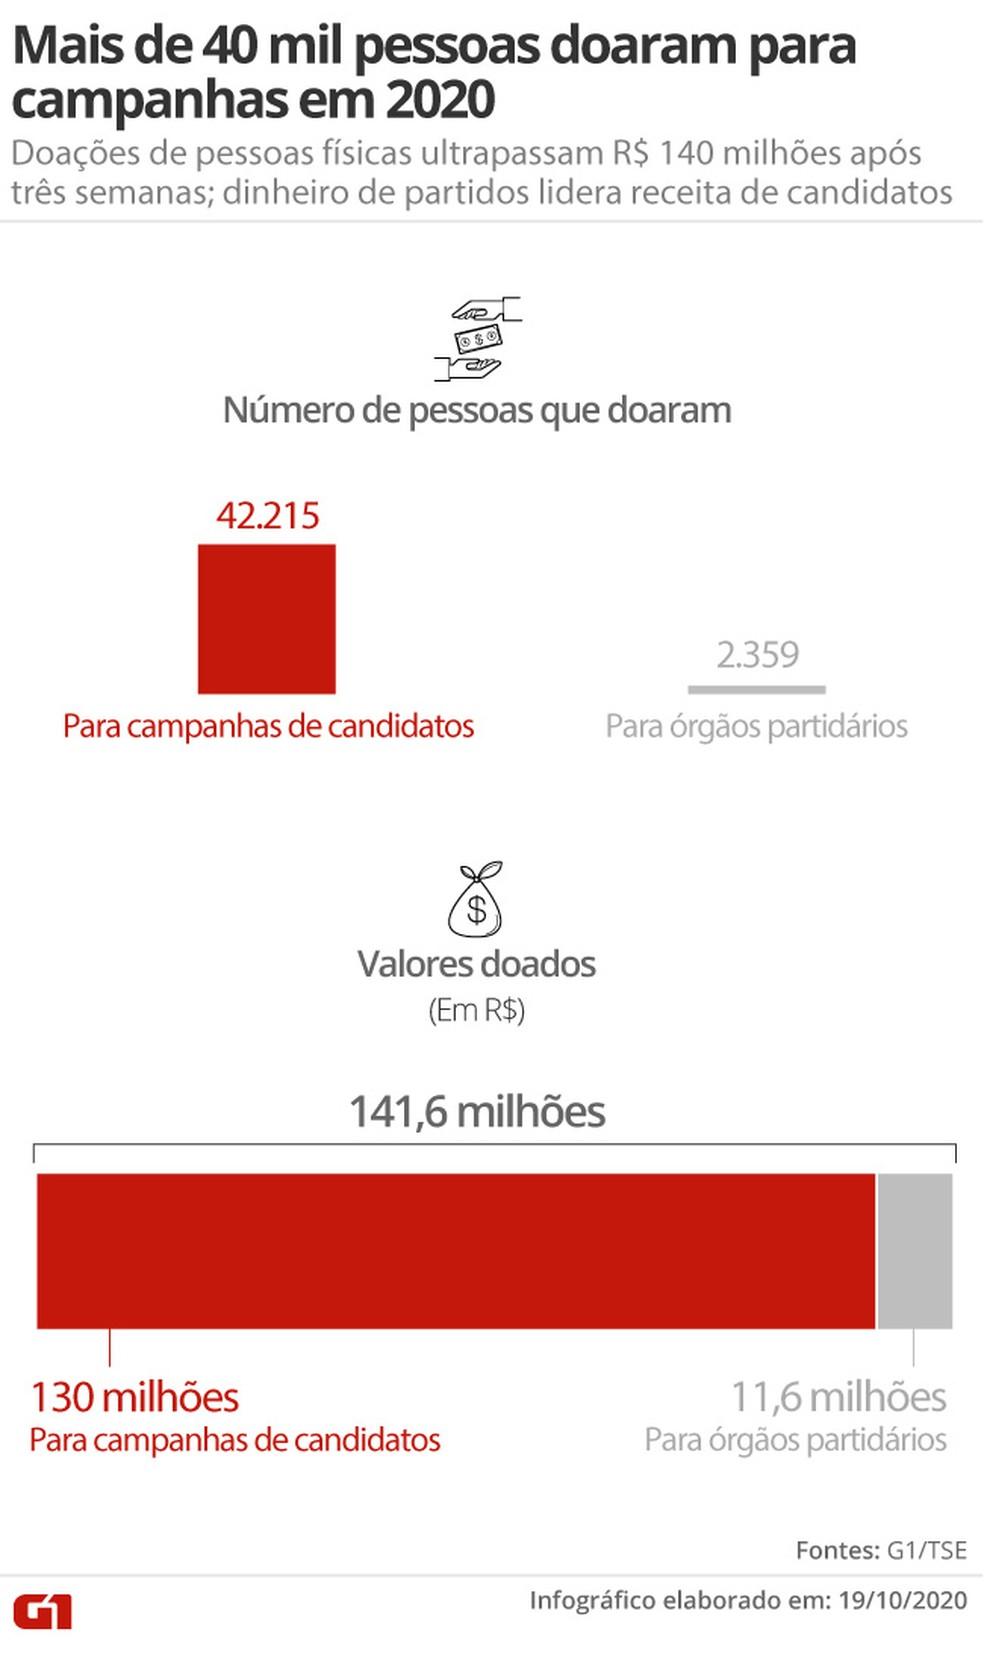 Mais de 40 mil pessoas doaram para campanhas em 2020: doações de pessoas físicas ultrapassam R$ 140 milhões após três semanas; dinheiro de partidos lidera receita de candidatos — Foto: Aparecido Gonçalves / G1